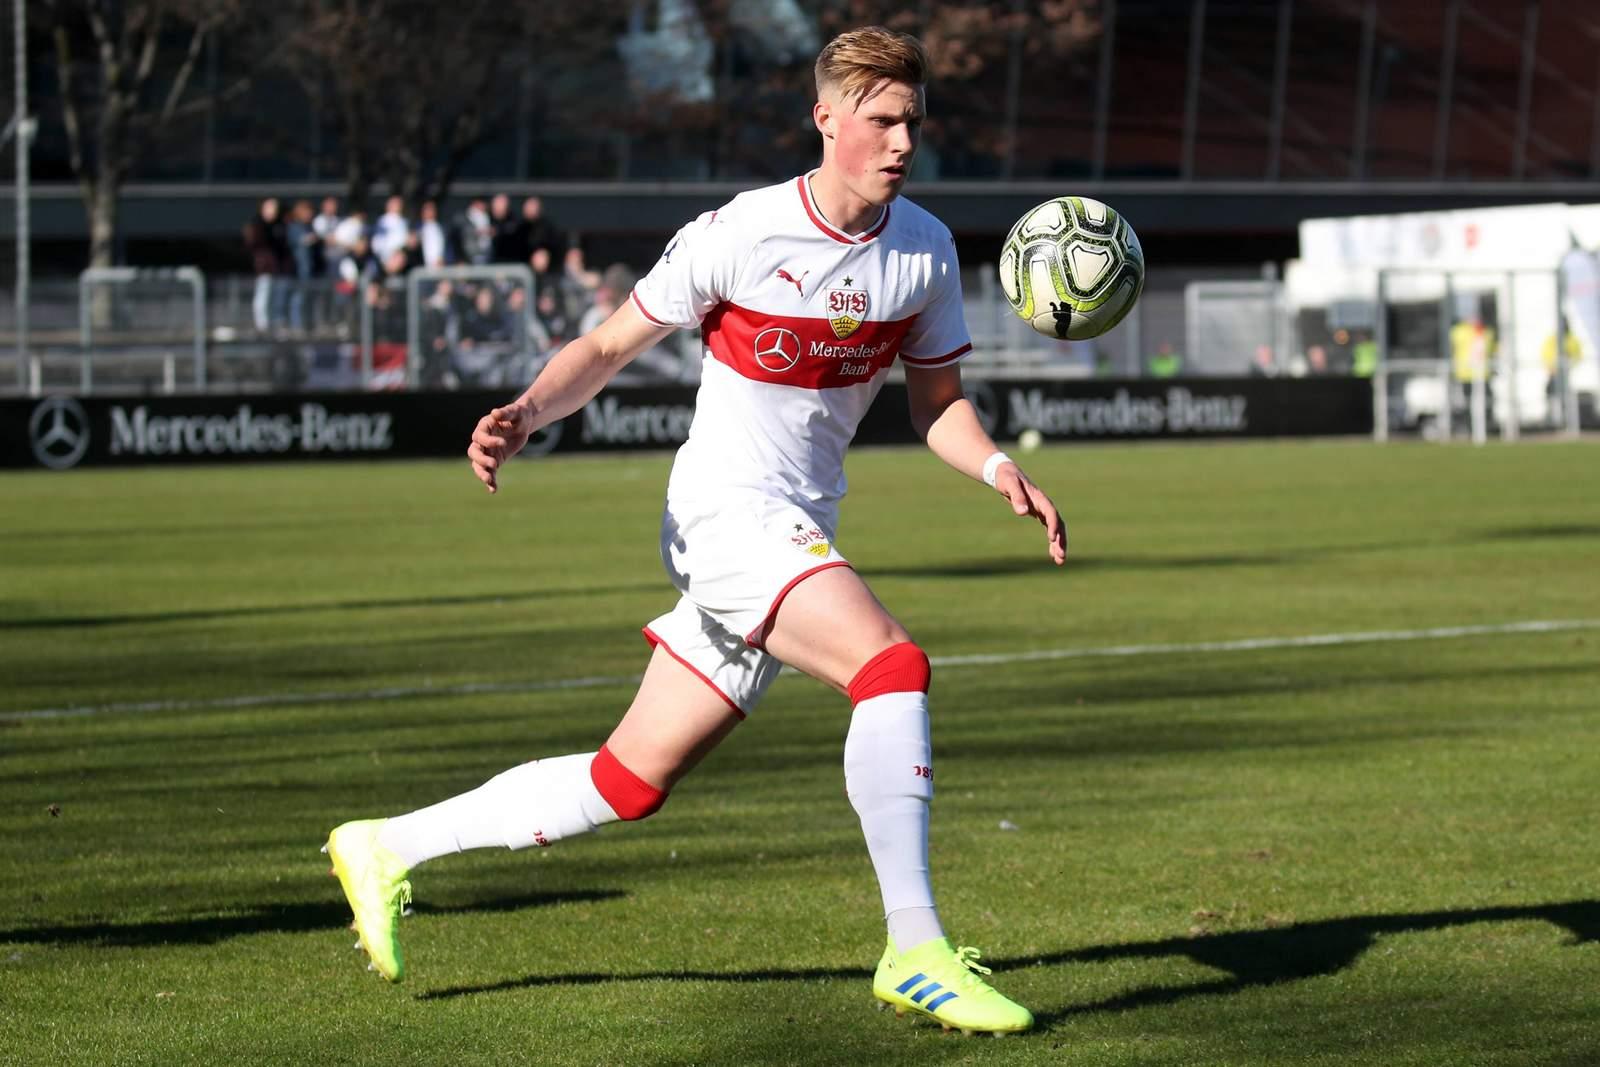 Oliver Wähling von der U23 des VfB Stuttgart